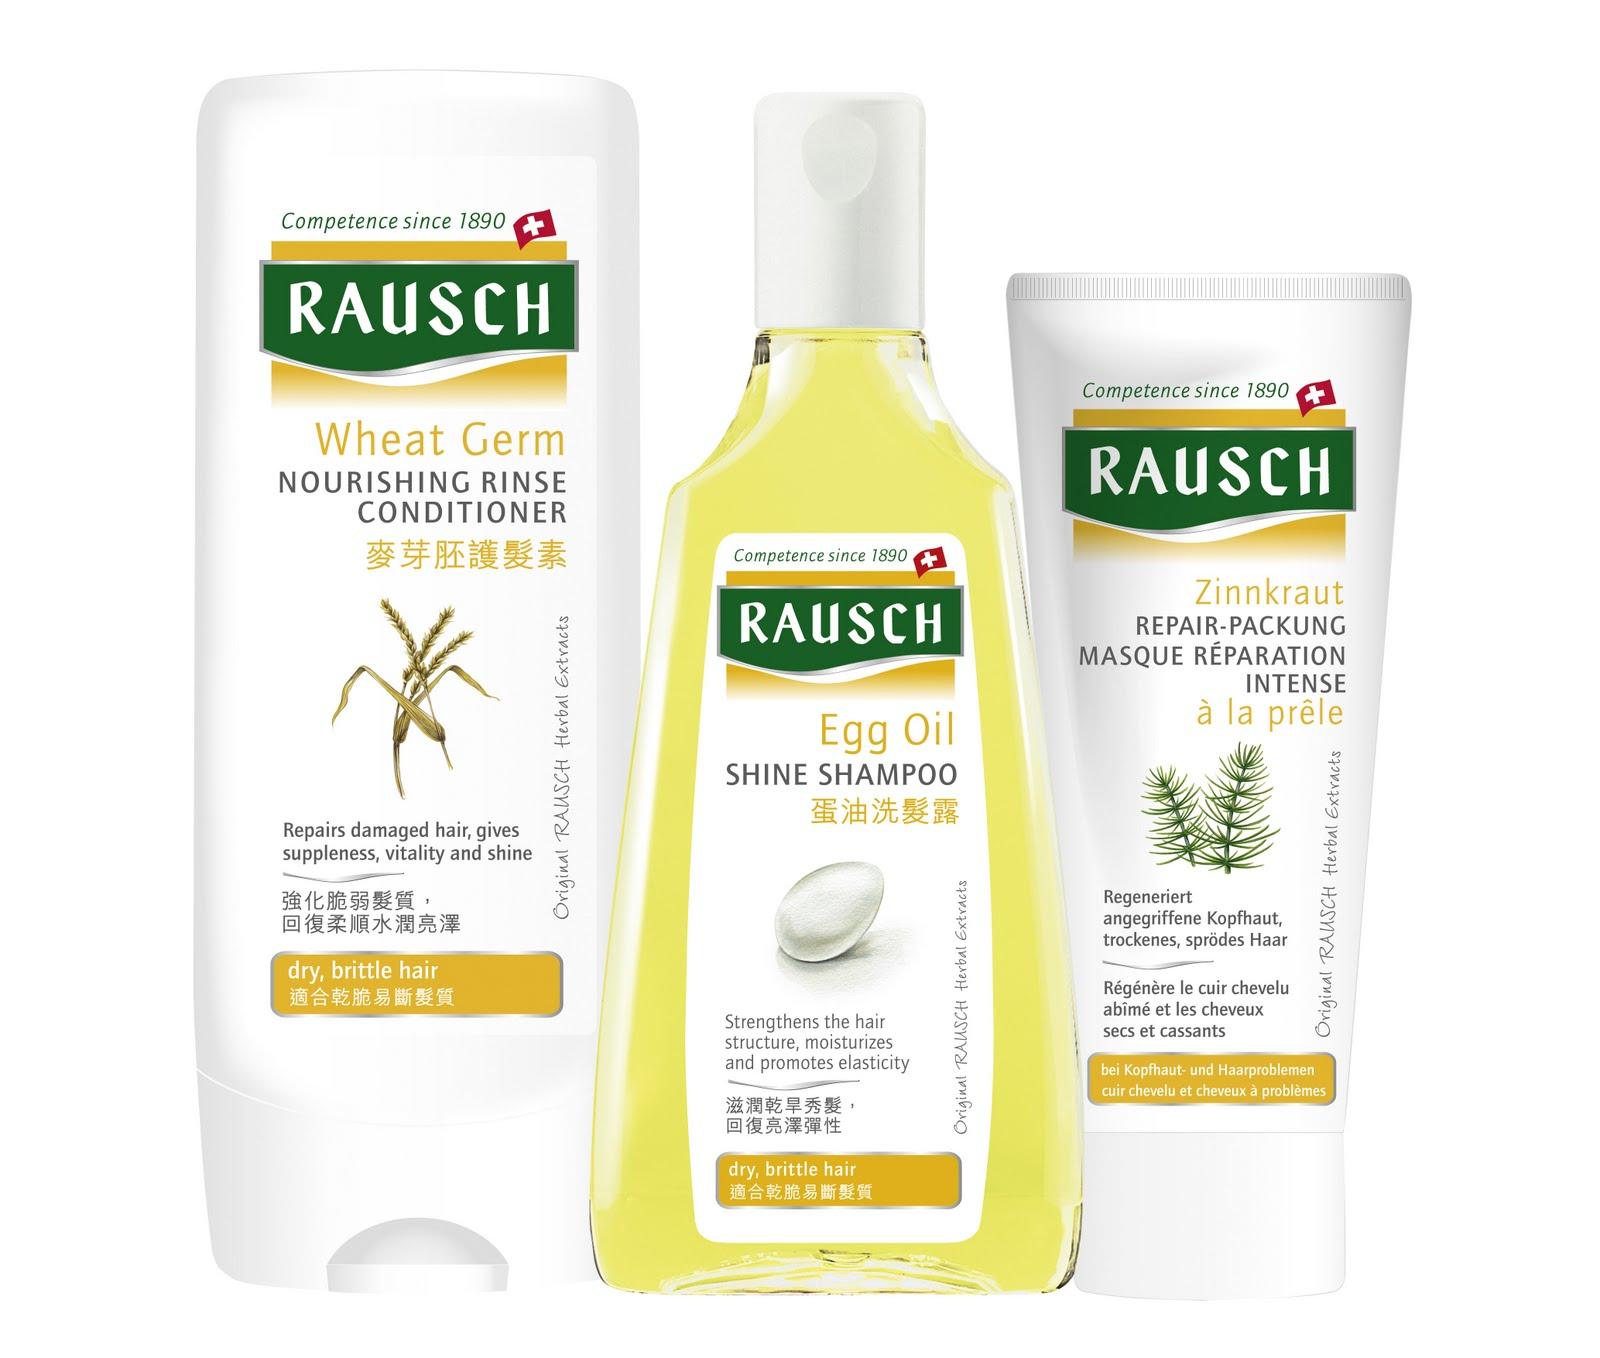 蘋果的化妝箱: 是日試用:瑞士 RAUSCH 草本洗護髮品